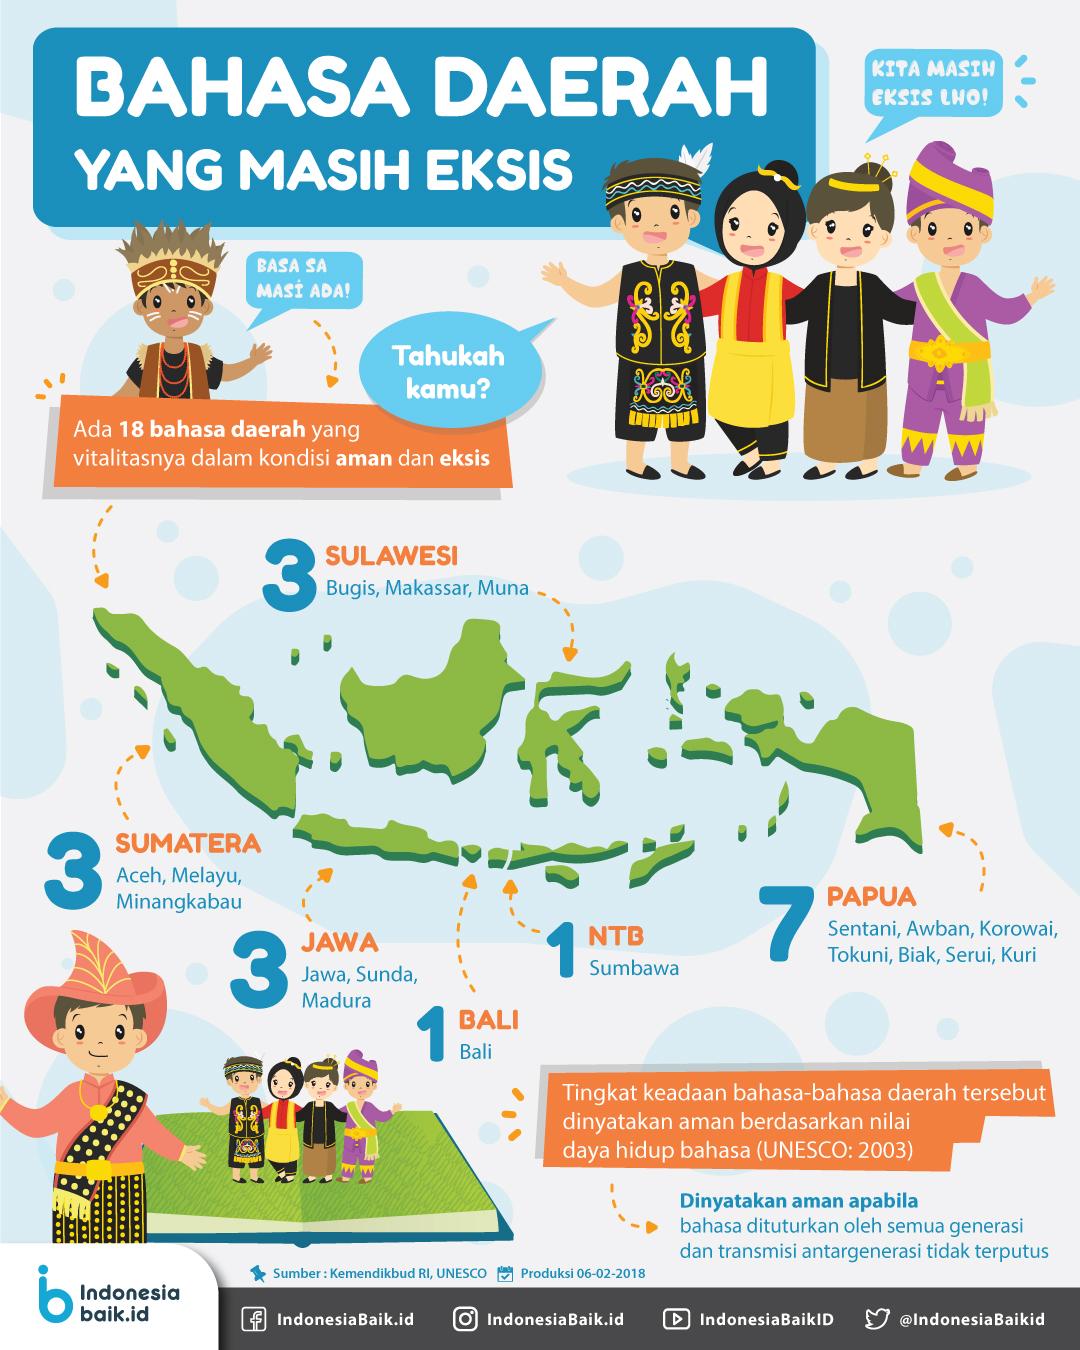 Bahasa Daerah Yang Masih Eksis